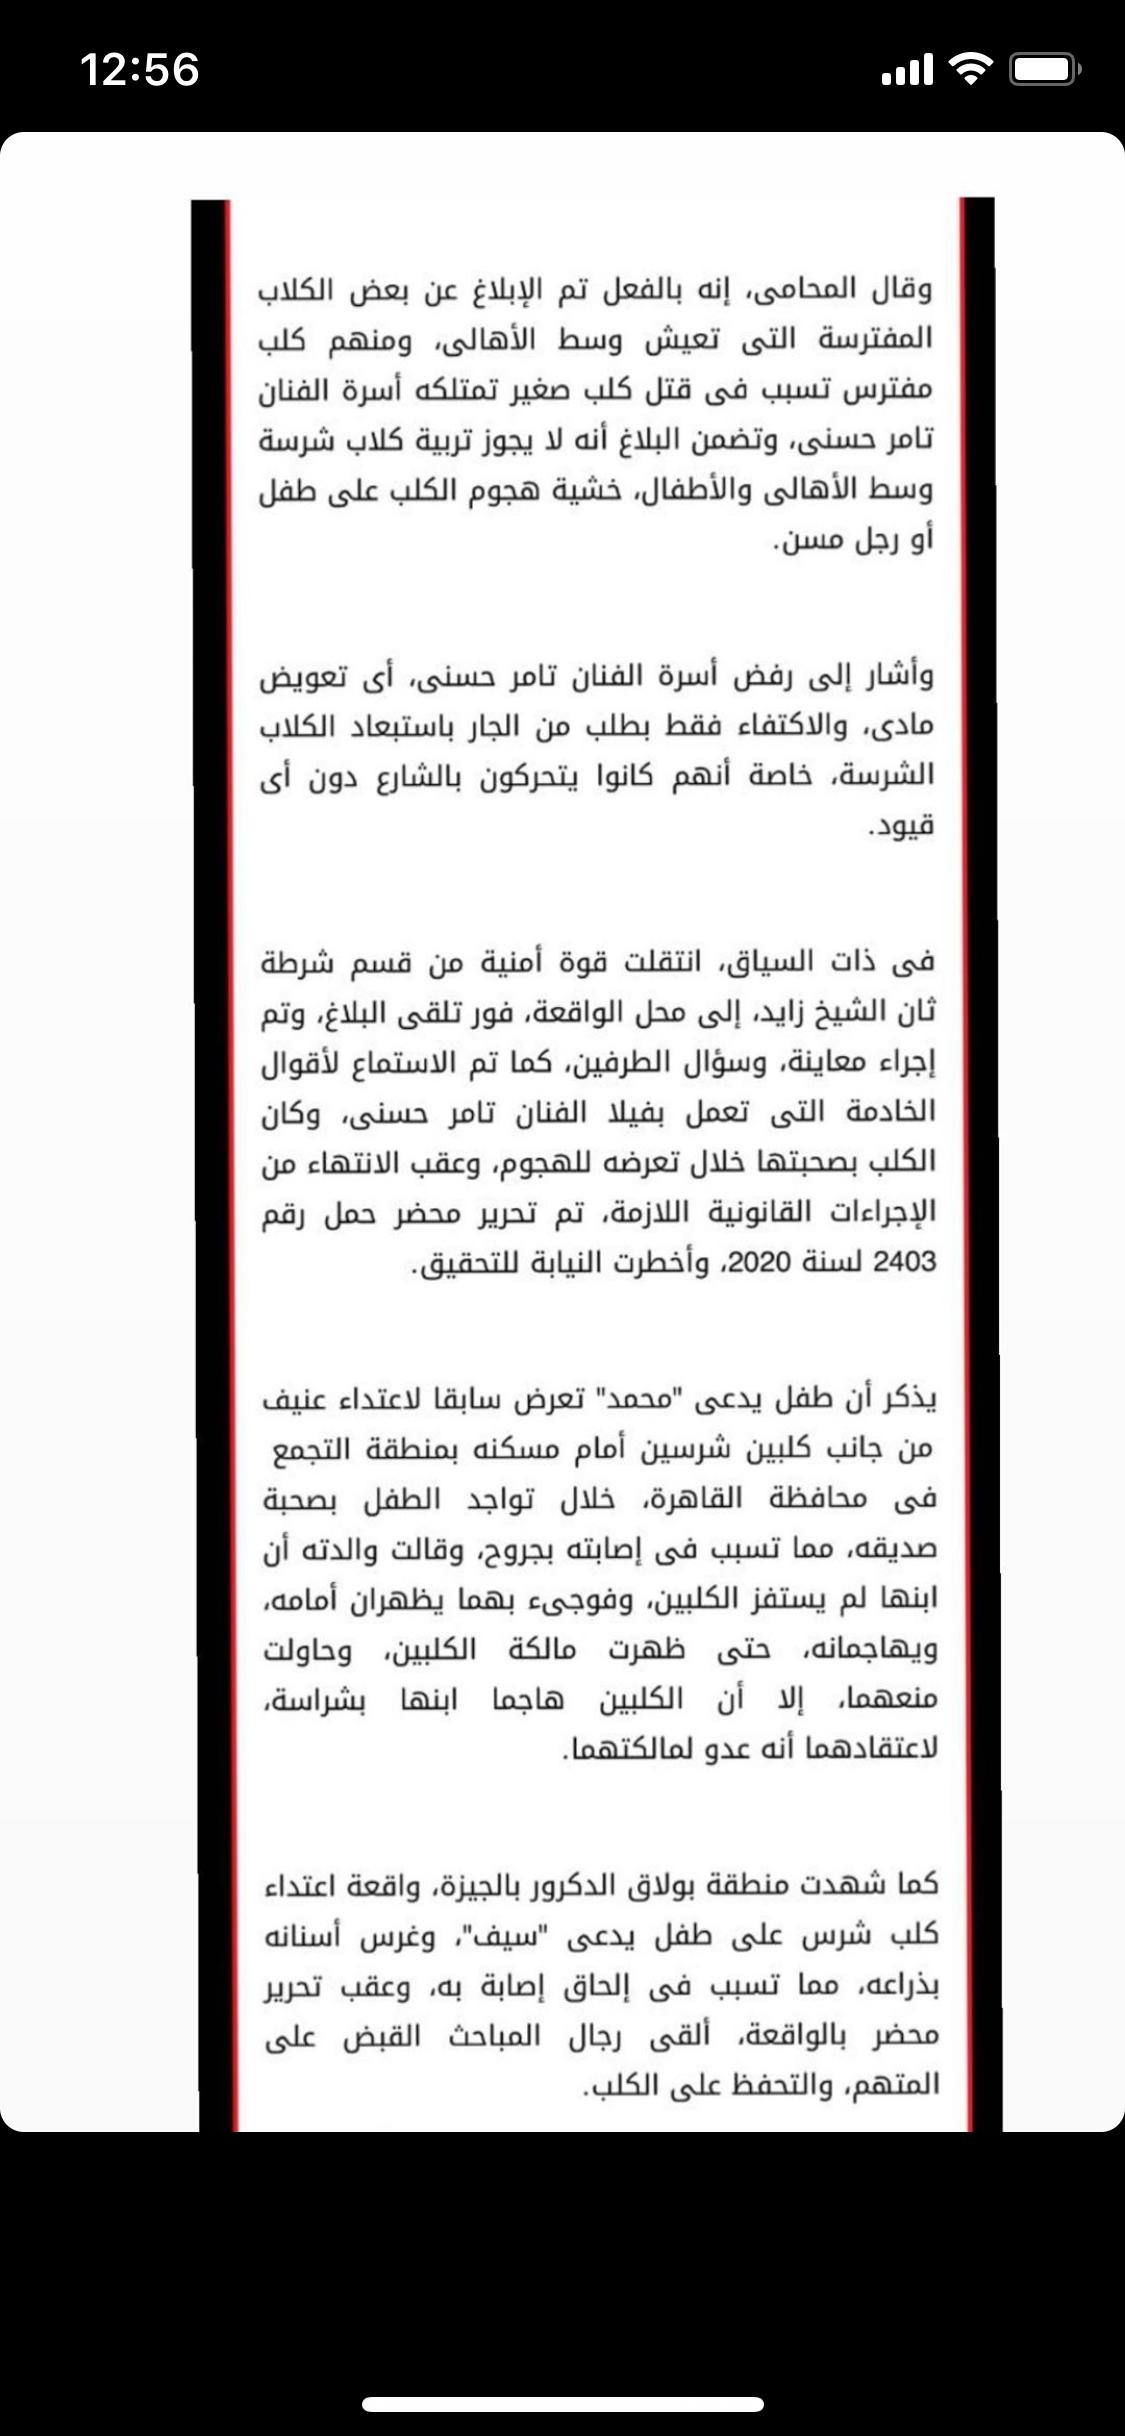 من ستوري انستغرام الفنان المصري